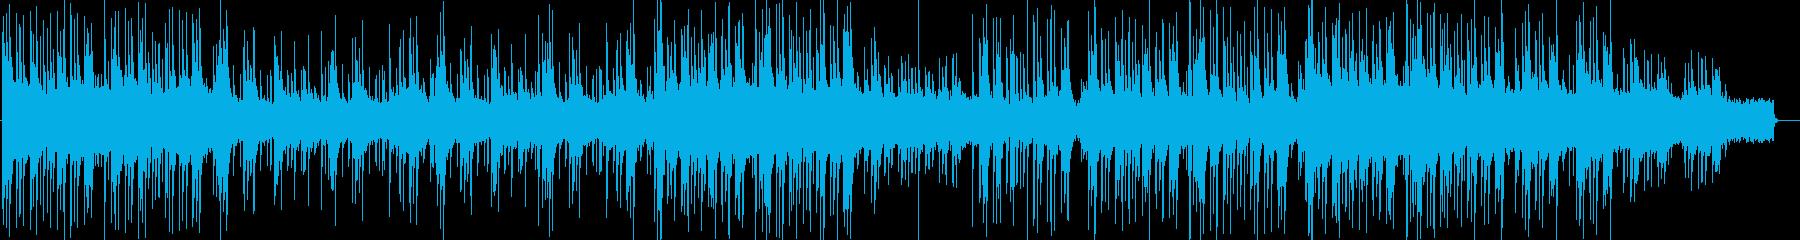 ほのぼのとして楽しげな【和風】BGM の再生済みの波形